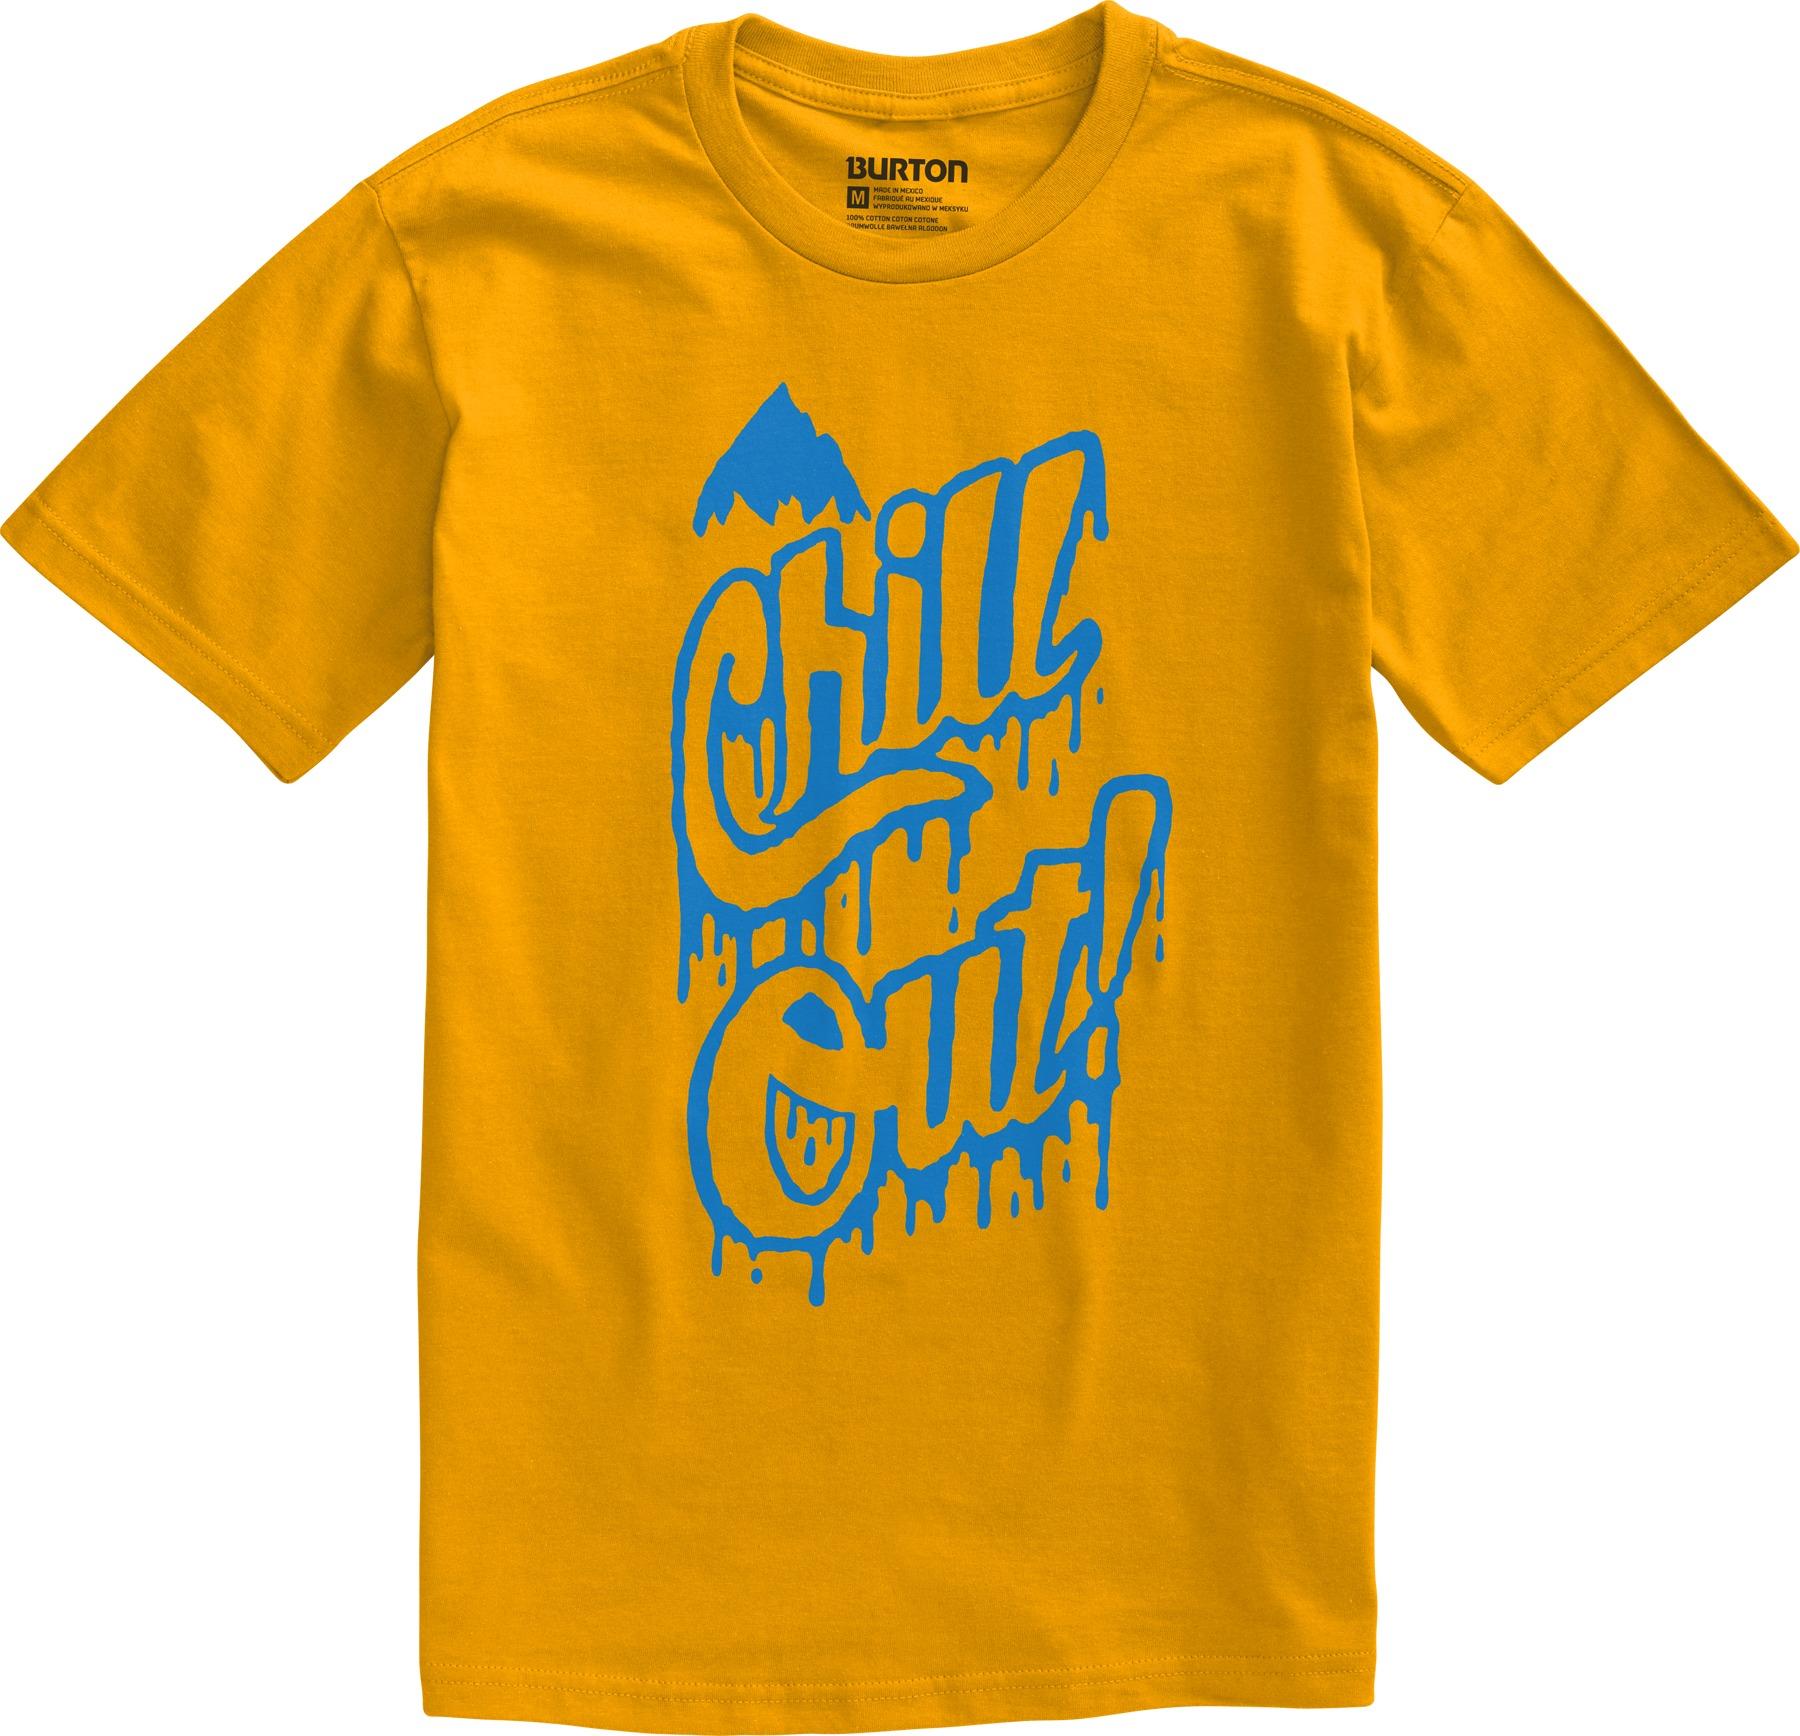 Koszulka Burton Chill Out (Mustard)